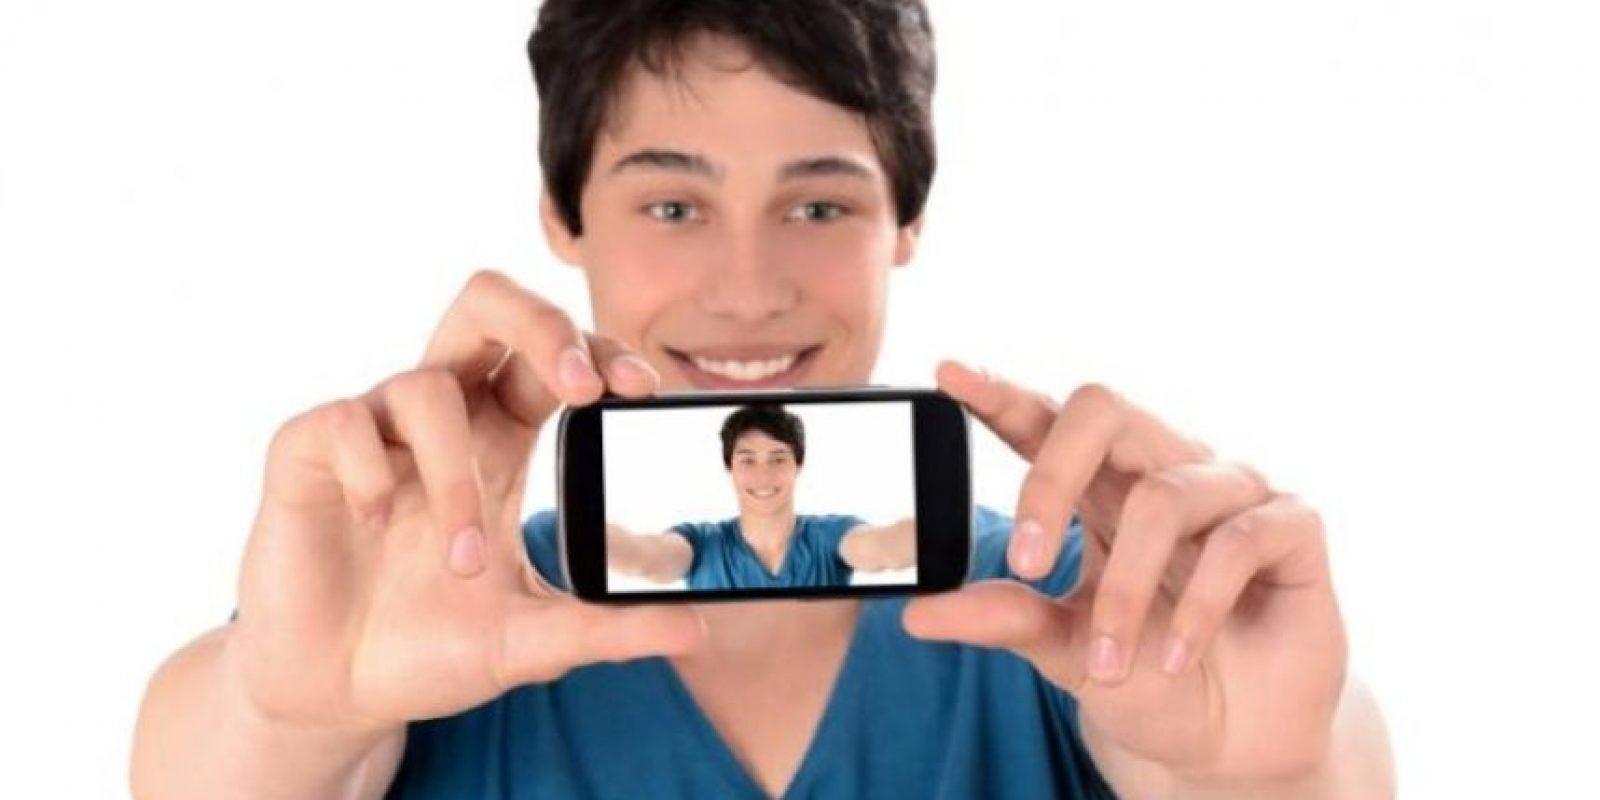 Los resultados de la investigación sorprenden, puesto que en la actualidad pasamos tanto tiempo viendo nuestros propios rostros que nos olvidamos, objetivamente, lo que realmente parecemos e incluso llegamos al punto de odiar algunas de nuestras autofotos más precisas. Foto:Tumblr